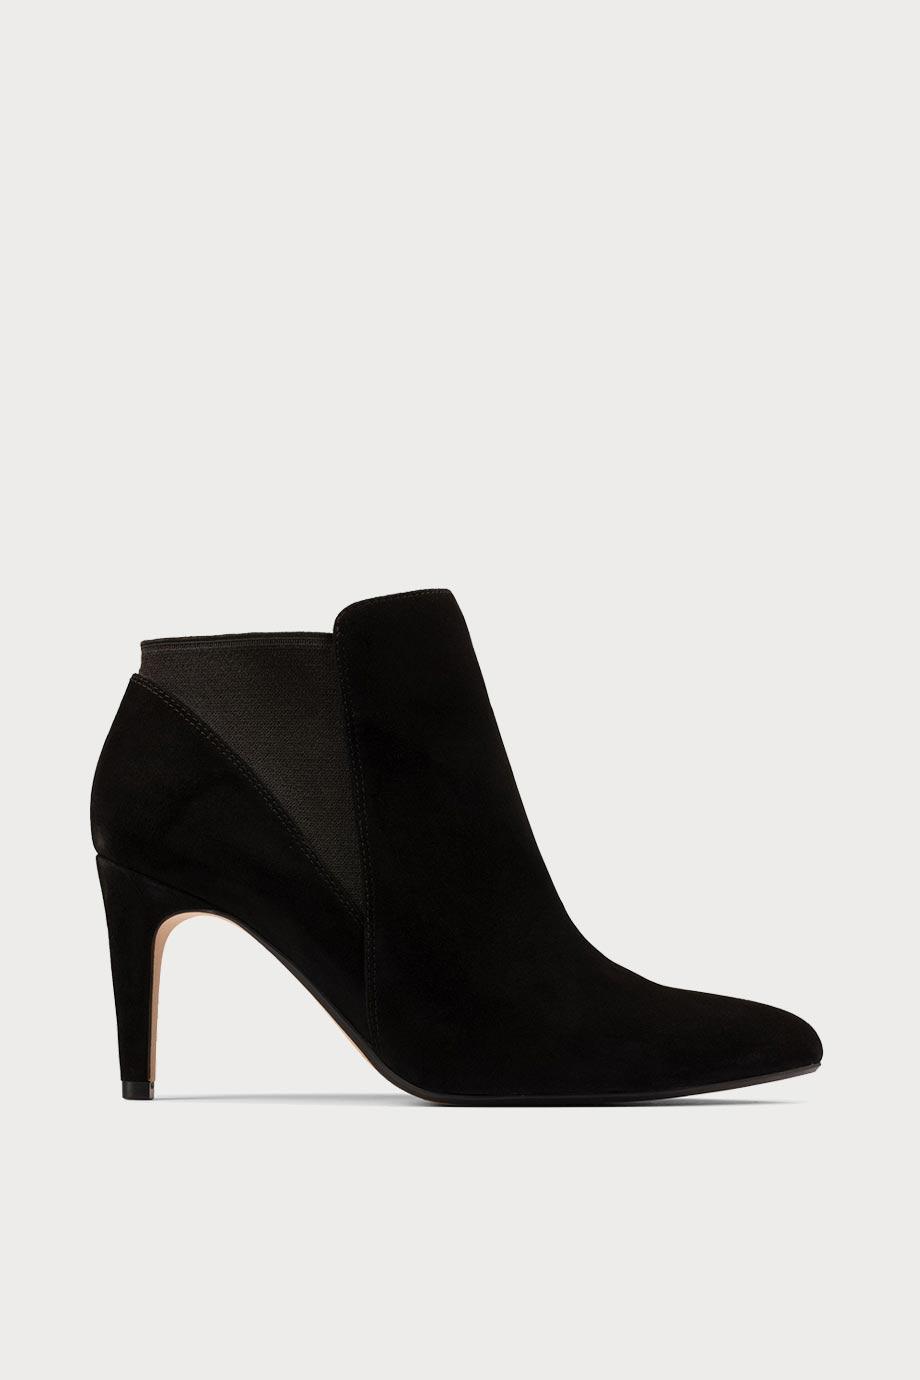 spiridoula metheniti shoes xalkida p laina violet black suede clarks 5